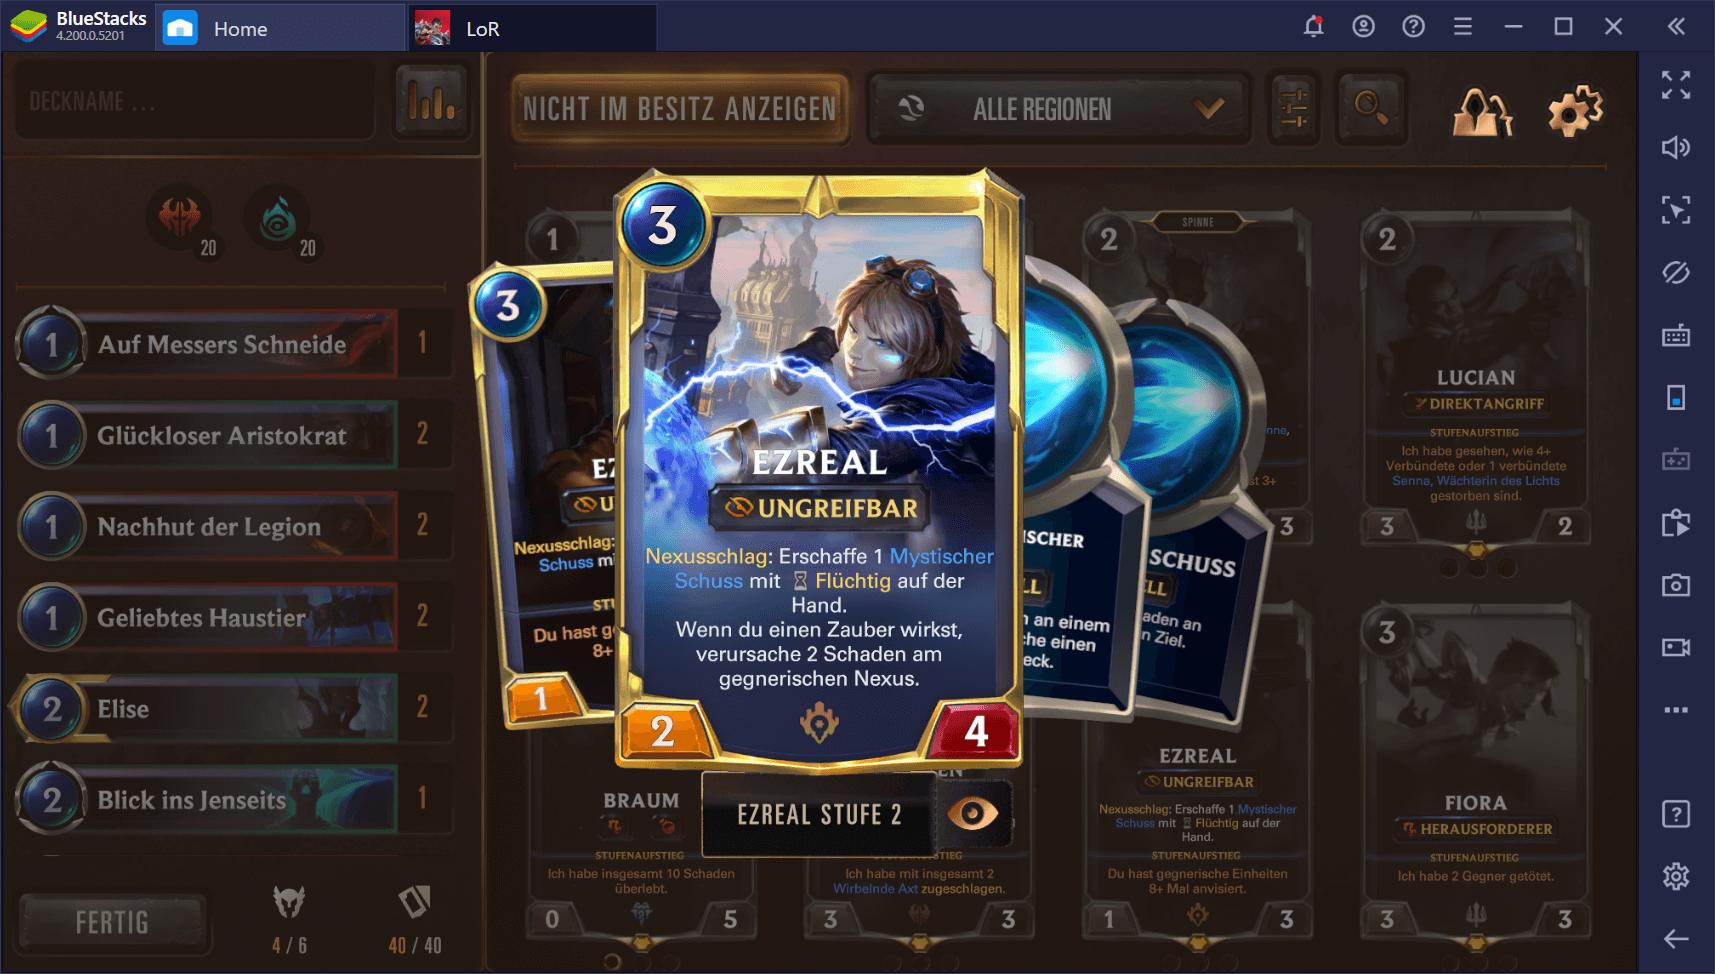 Die besten Championkarten in Legends of Runeterra (April 2020)